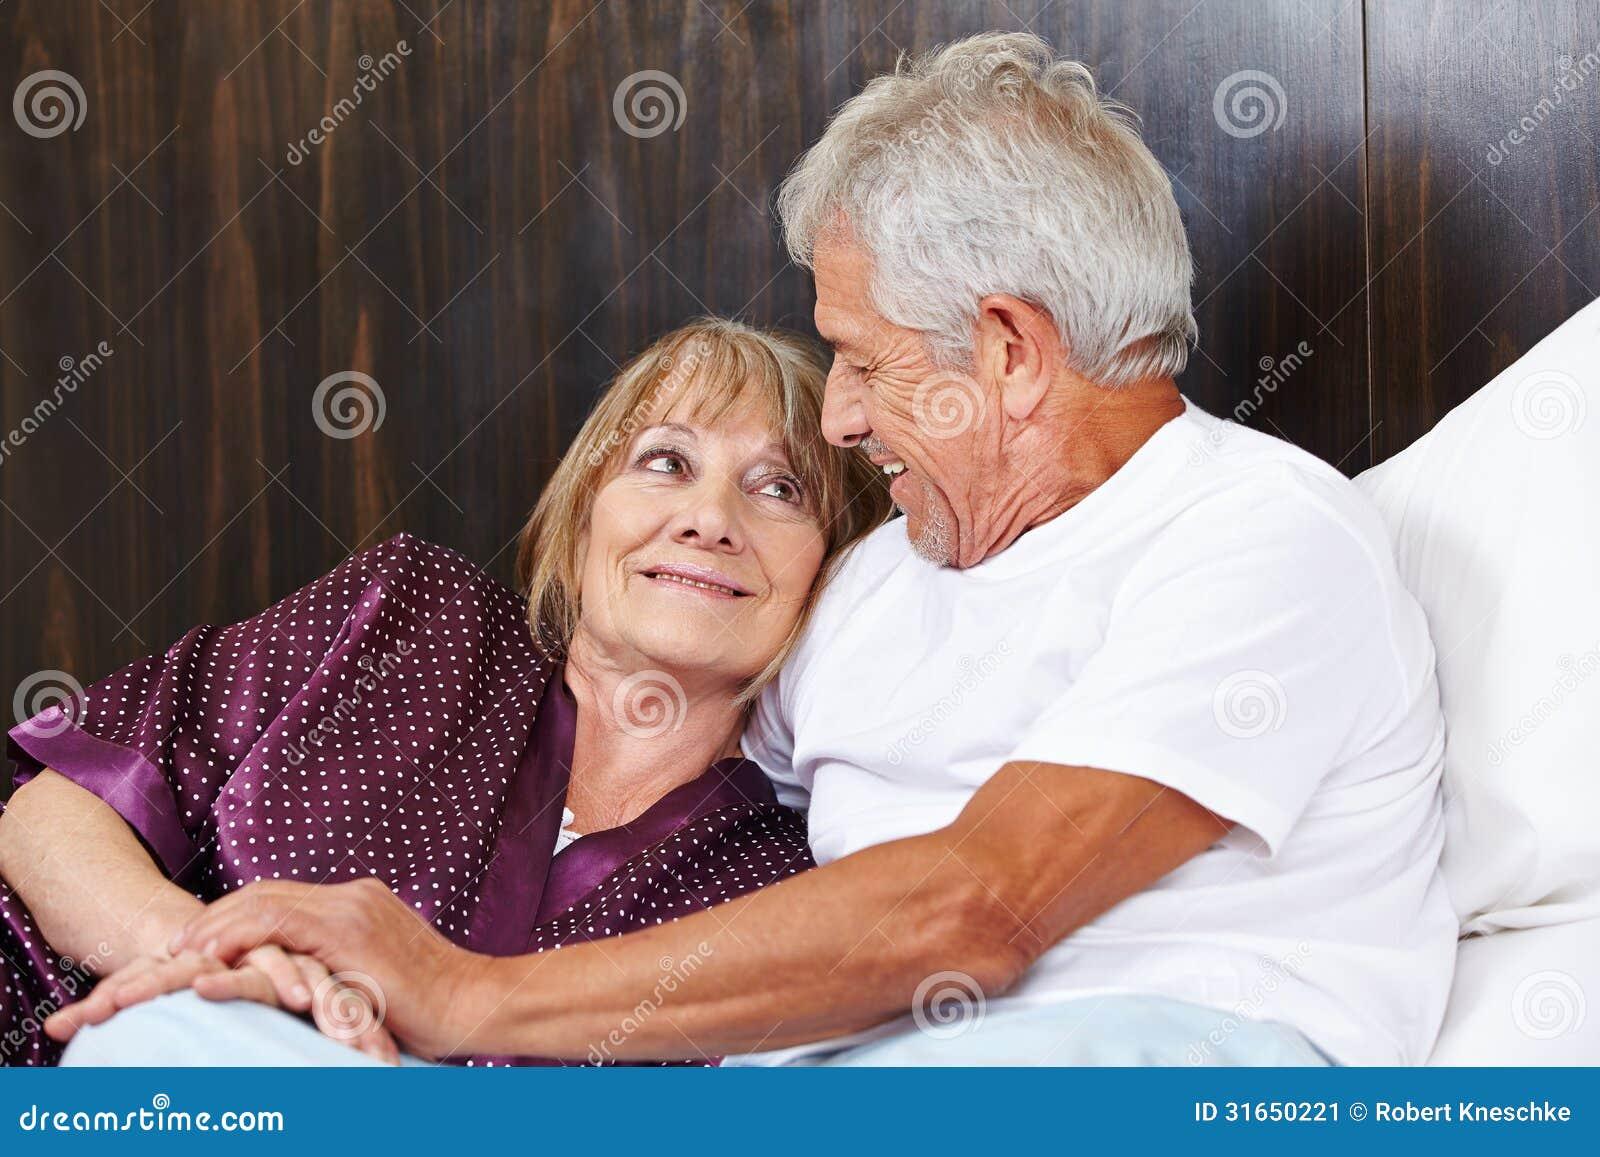 Старик ебет проститутку, Старик и молодая шлюха -видео. Смотреть Старик 23 фотография